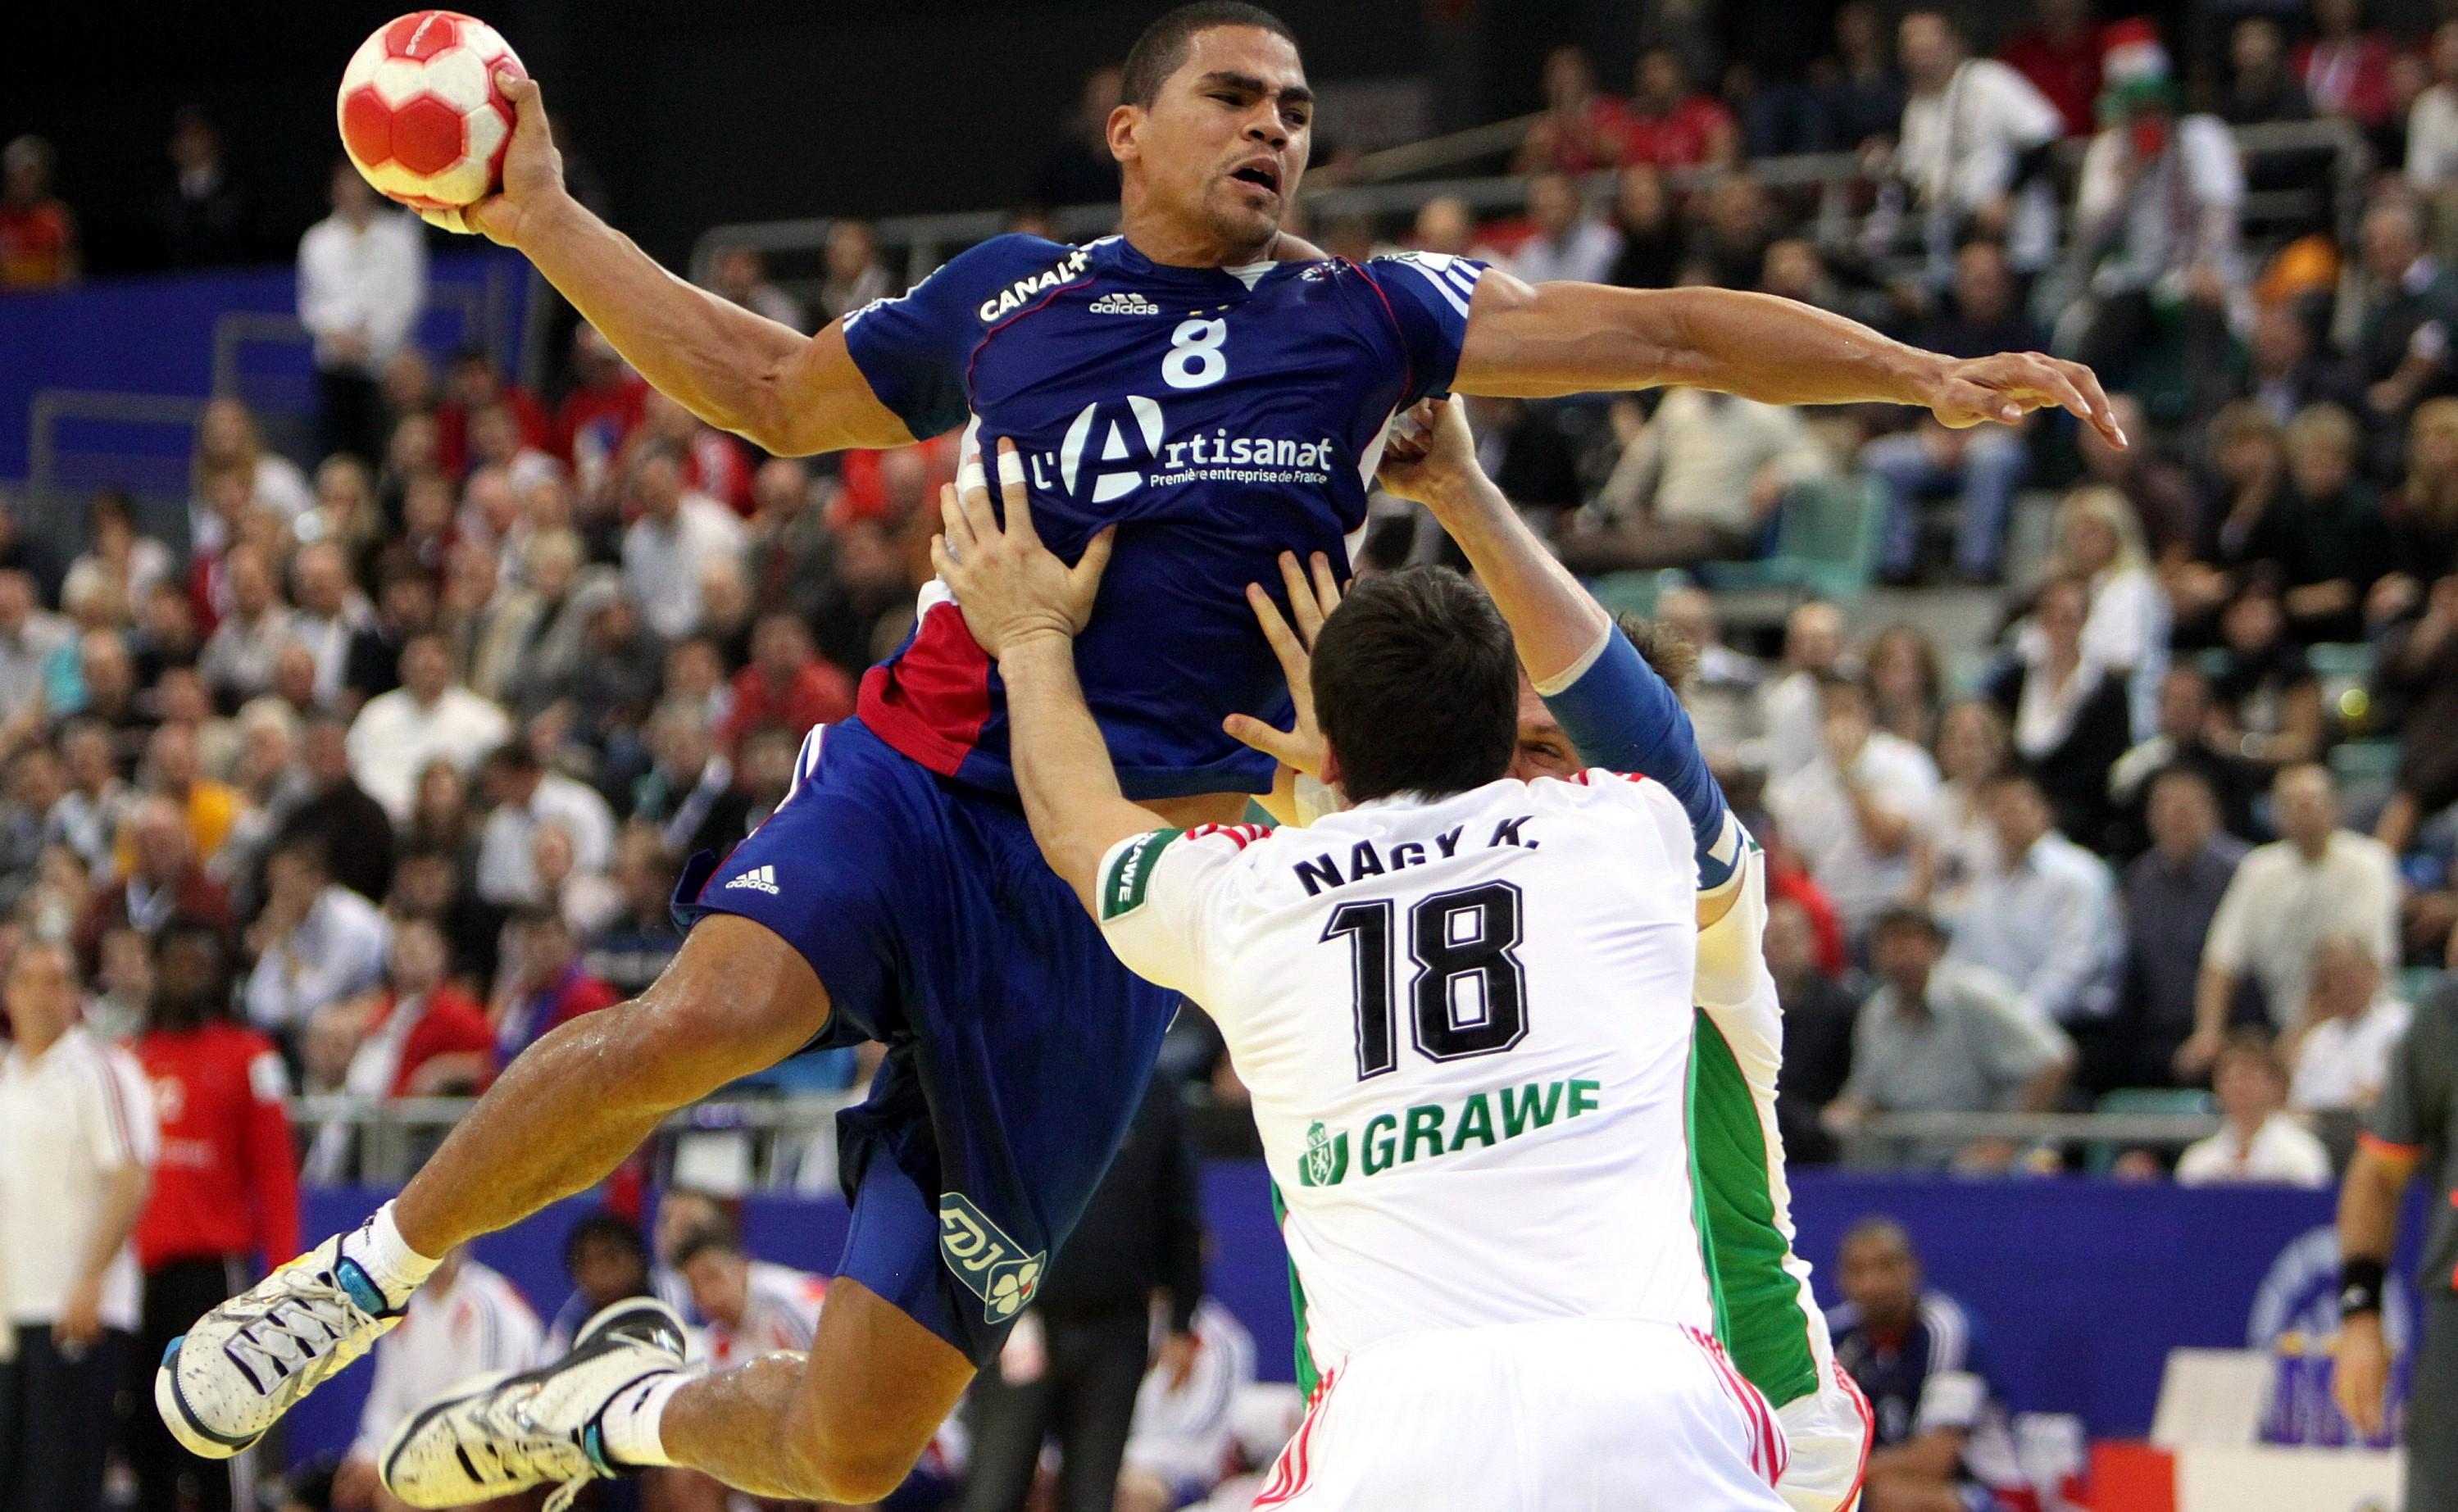 Le handball, ce sport français si méconnu au Québec